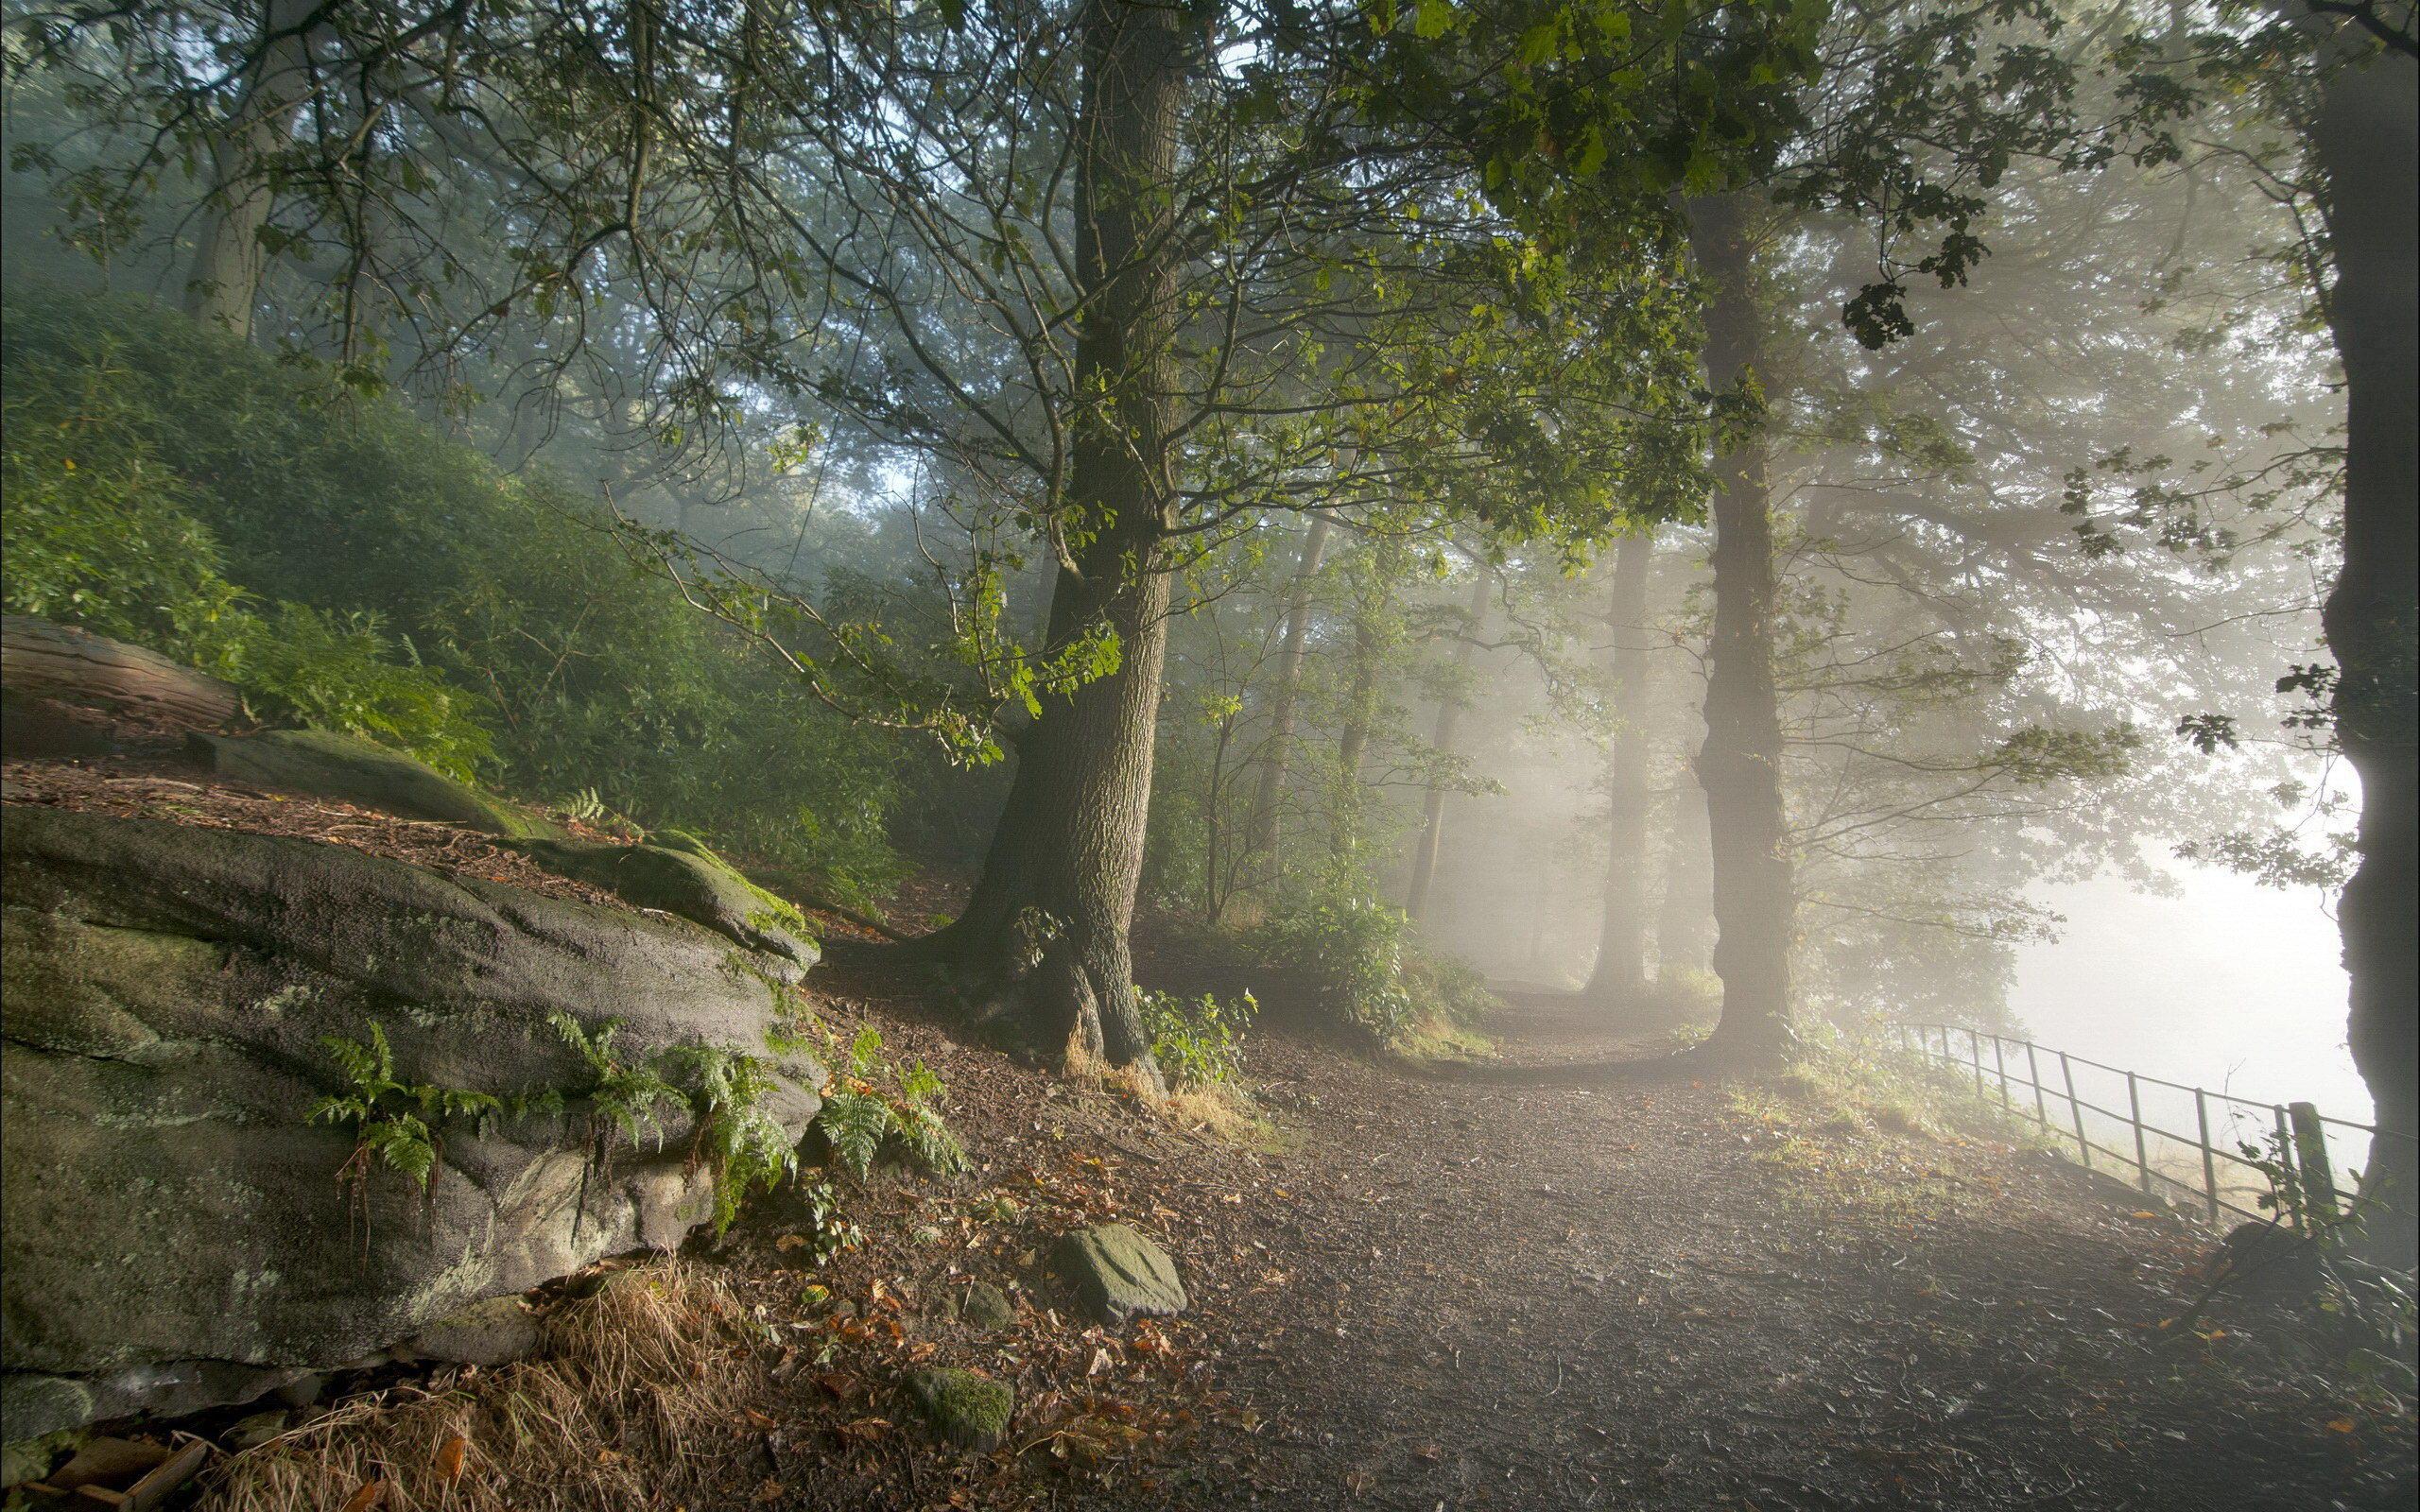 壁纸, 风景; 优美自然风景; 大千世界的优美风景电脑壁纸(2)